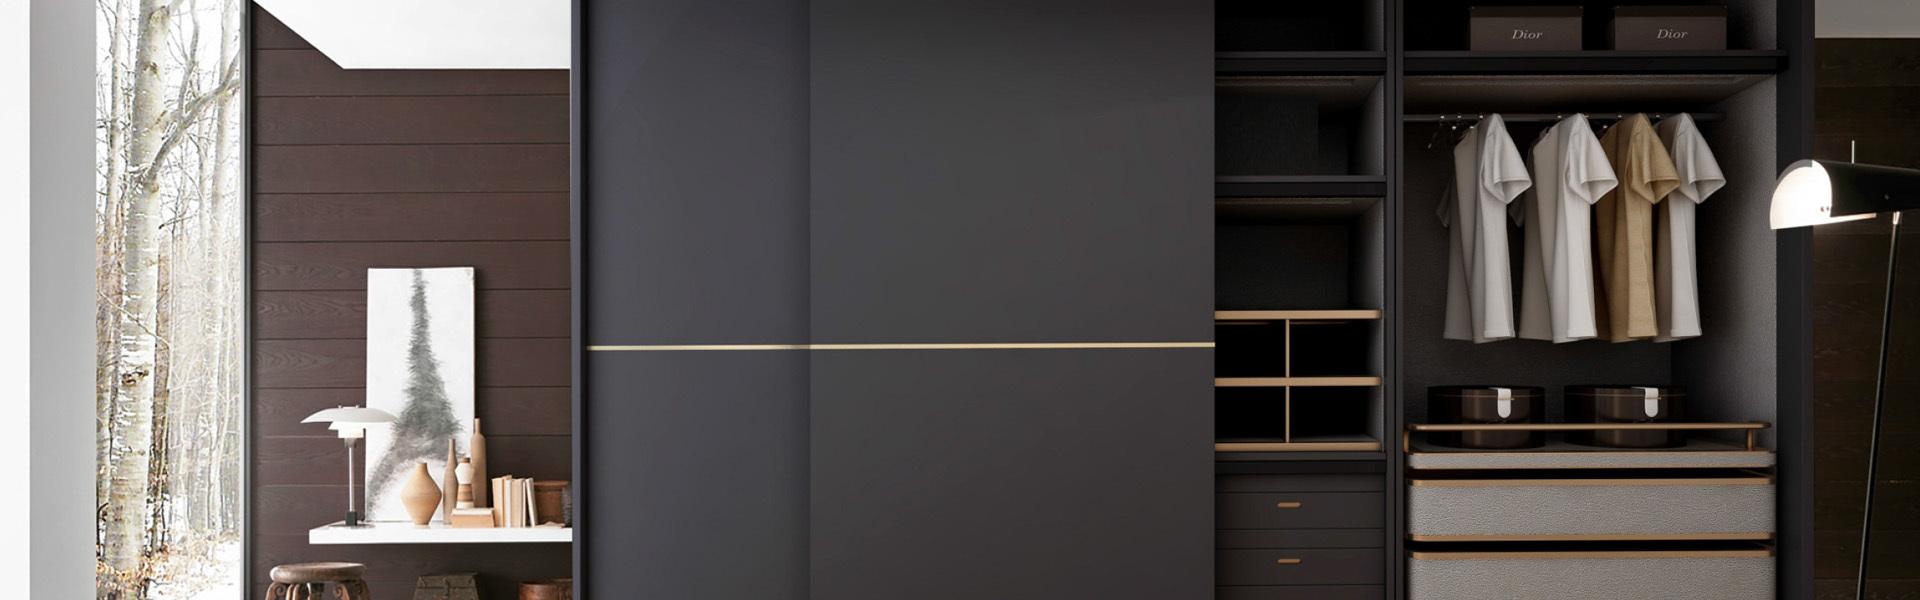 极简定制  全屋订制、私人订制、免漆木门窗、家 、定制护墙